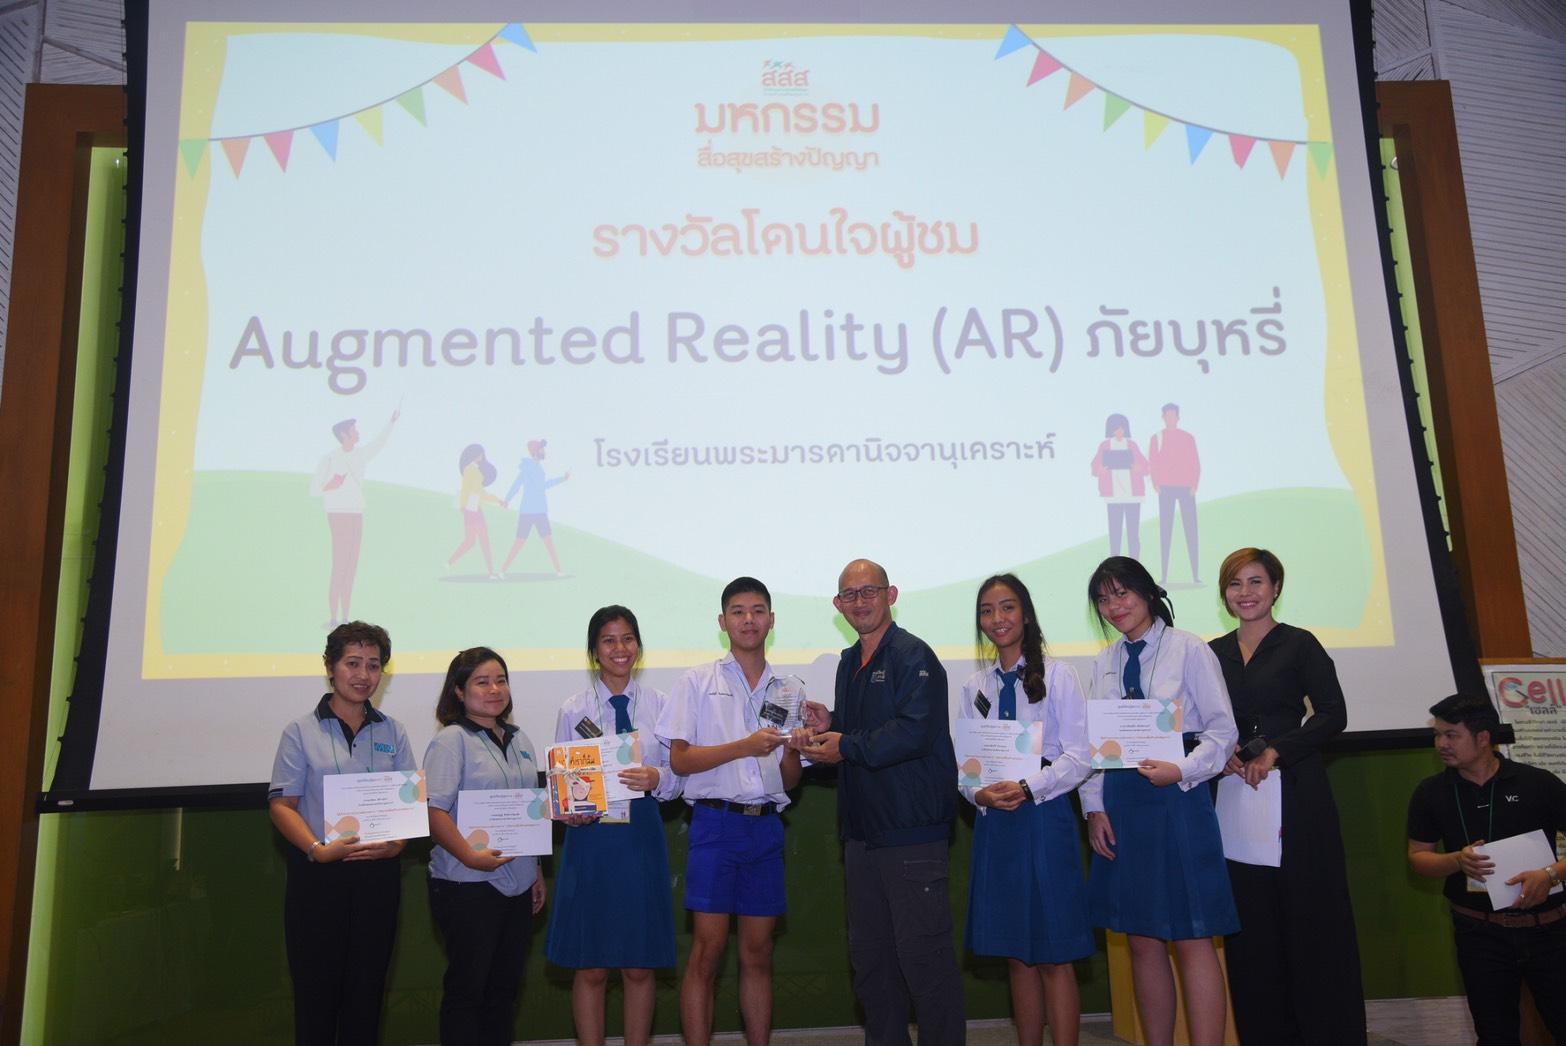 สสส.มอบรางวัลนิทรรศการนวัตกรรมสื่อสร้างสรรค์สุขภาวะ thaihealth